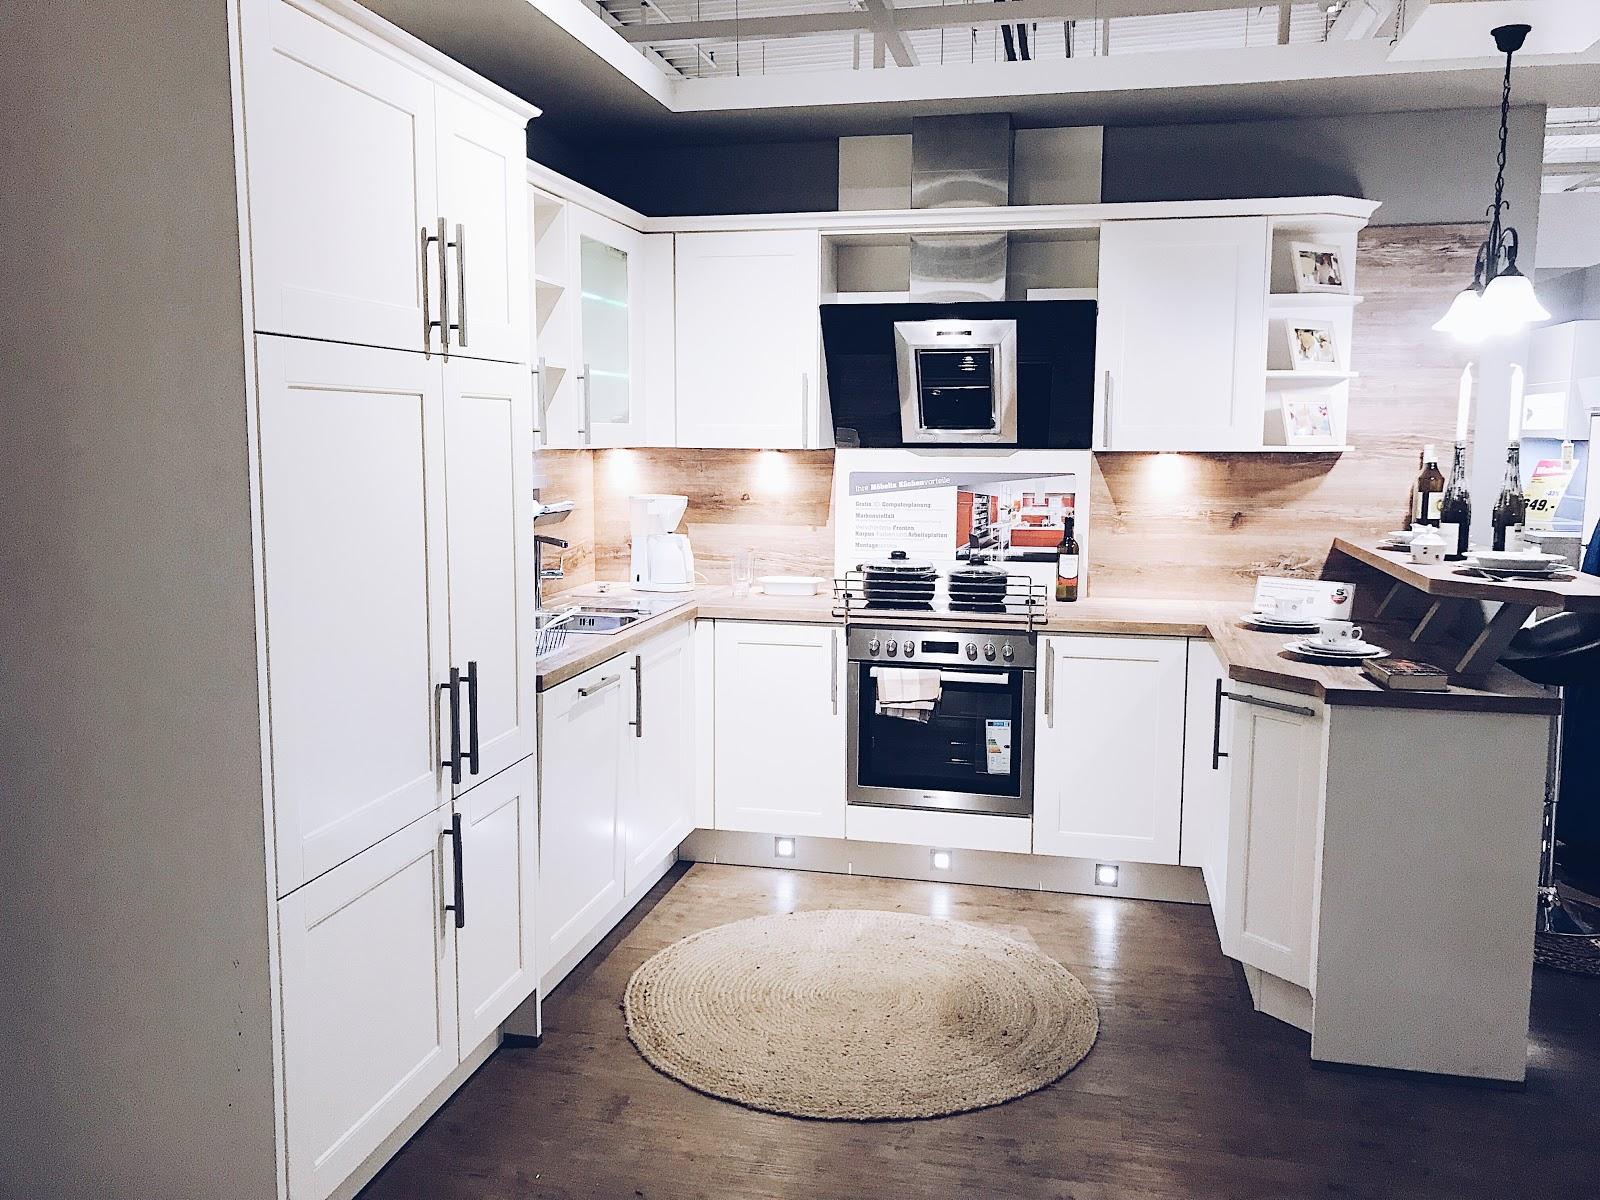 """But First - Küchenplanung. Eines mitunter der wichtigsten Punkte egal ob beim Hausbau, Kauf einer Eigentumswohnung oder Miete ist die Küche. Ich hatte das Glück immer schon eine Küche in den Wohnungen, welche ich bewohnte zu haben und musste mich noch nie damit beschäftigen. Nun bei unserem """"Projekt Eigenheim"""" ist es soweit und wir müssen uns Gedanken rund um Fron-, Korpus- und Arbeitsplattenfarben machen. Ich bin schon gespannt welche Küche es dann wirklich wird. Die Küchenplanung haben wir übrigends bei Möbelix machen lassen und die abgebildeten Pläne habe ich selbst auf der Möbelix-Webseite erstellt."""